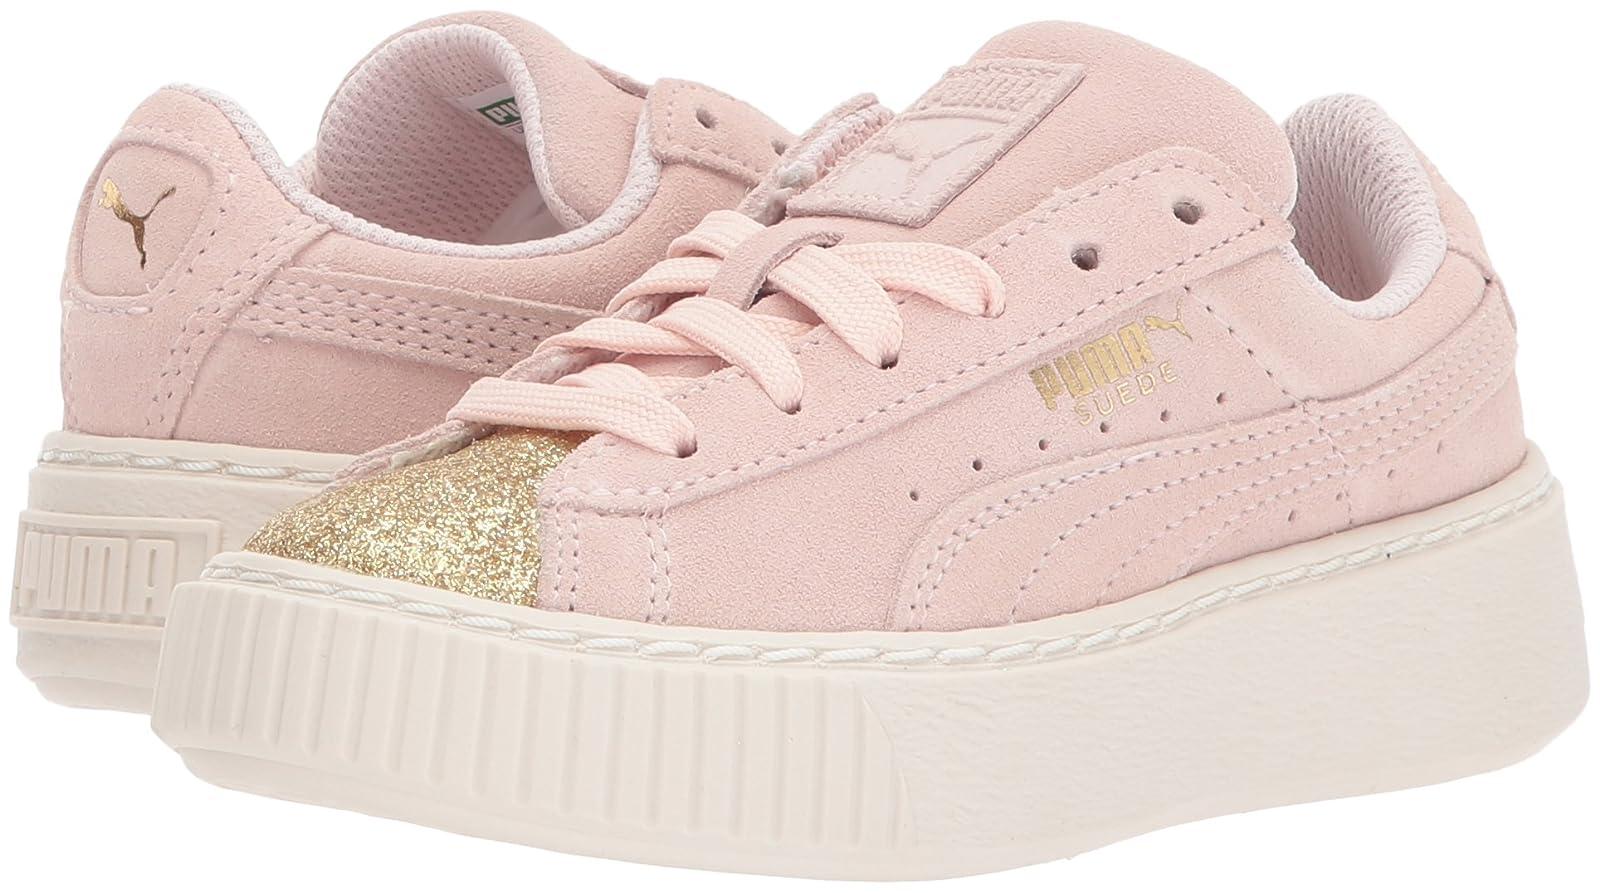 PUMA Kids' Suede Platform Glam Sneaker Pink 36492207 - 6